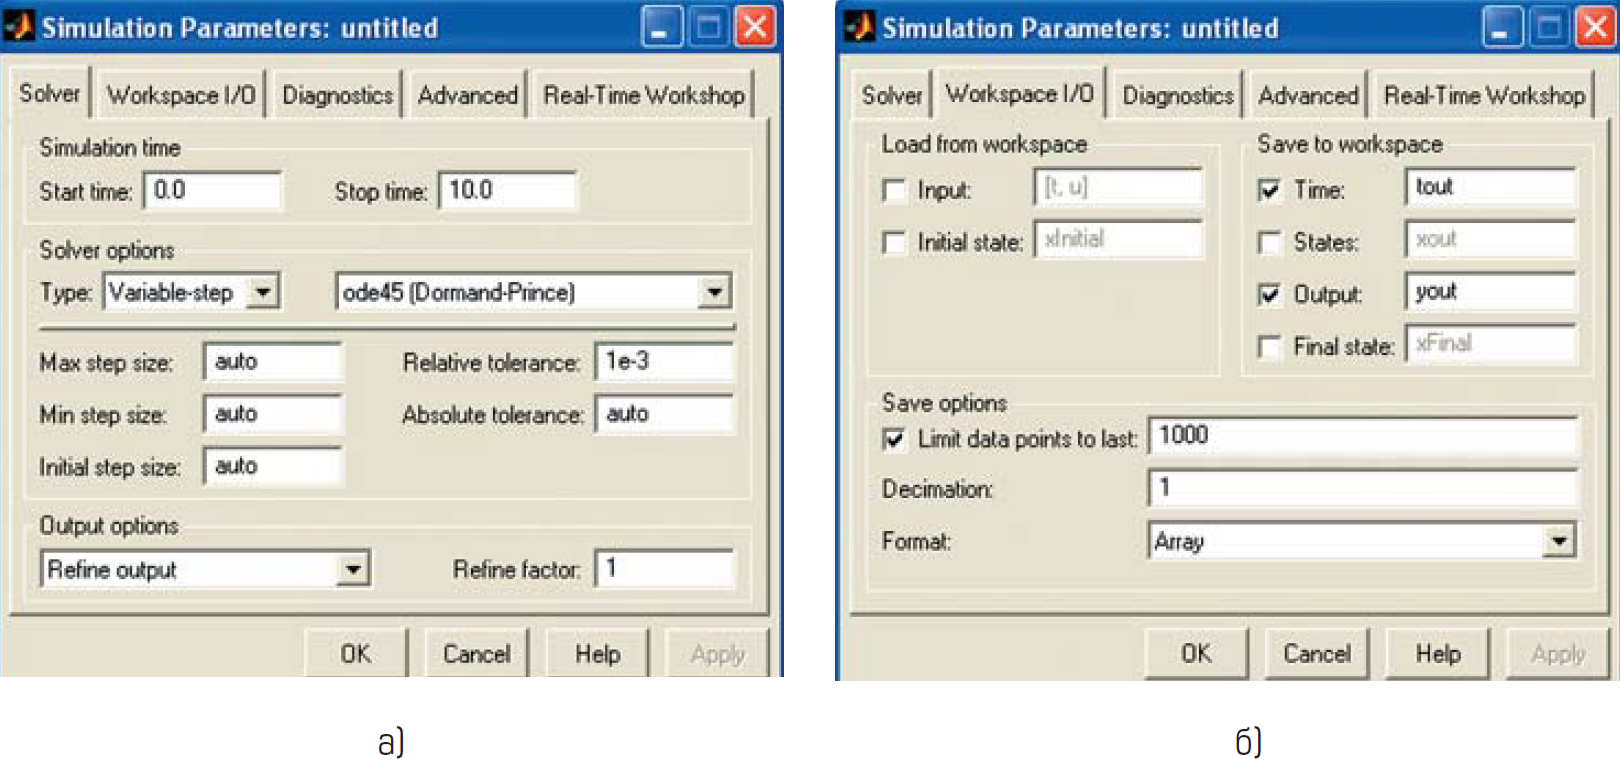 Окно настройки параметров моделирования решателя Solver и ввода/вывода данных в рабочее пространство